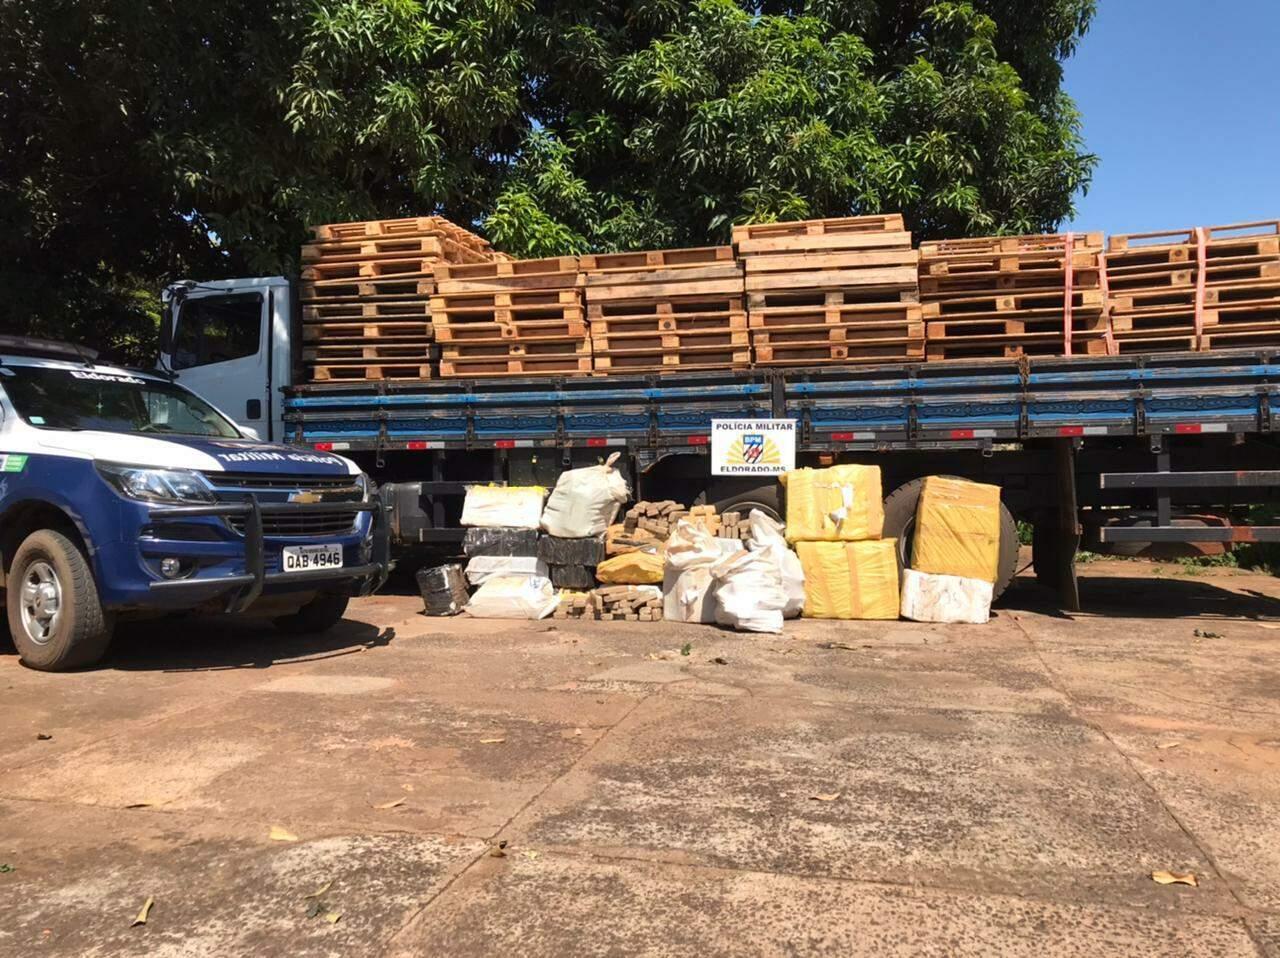 Veículo apreendido com mais de 600 quilos de maconha; homem, de 34 anos, foi preso (Foto: Divulgação/PMMS)